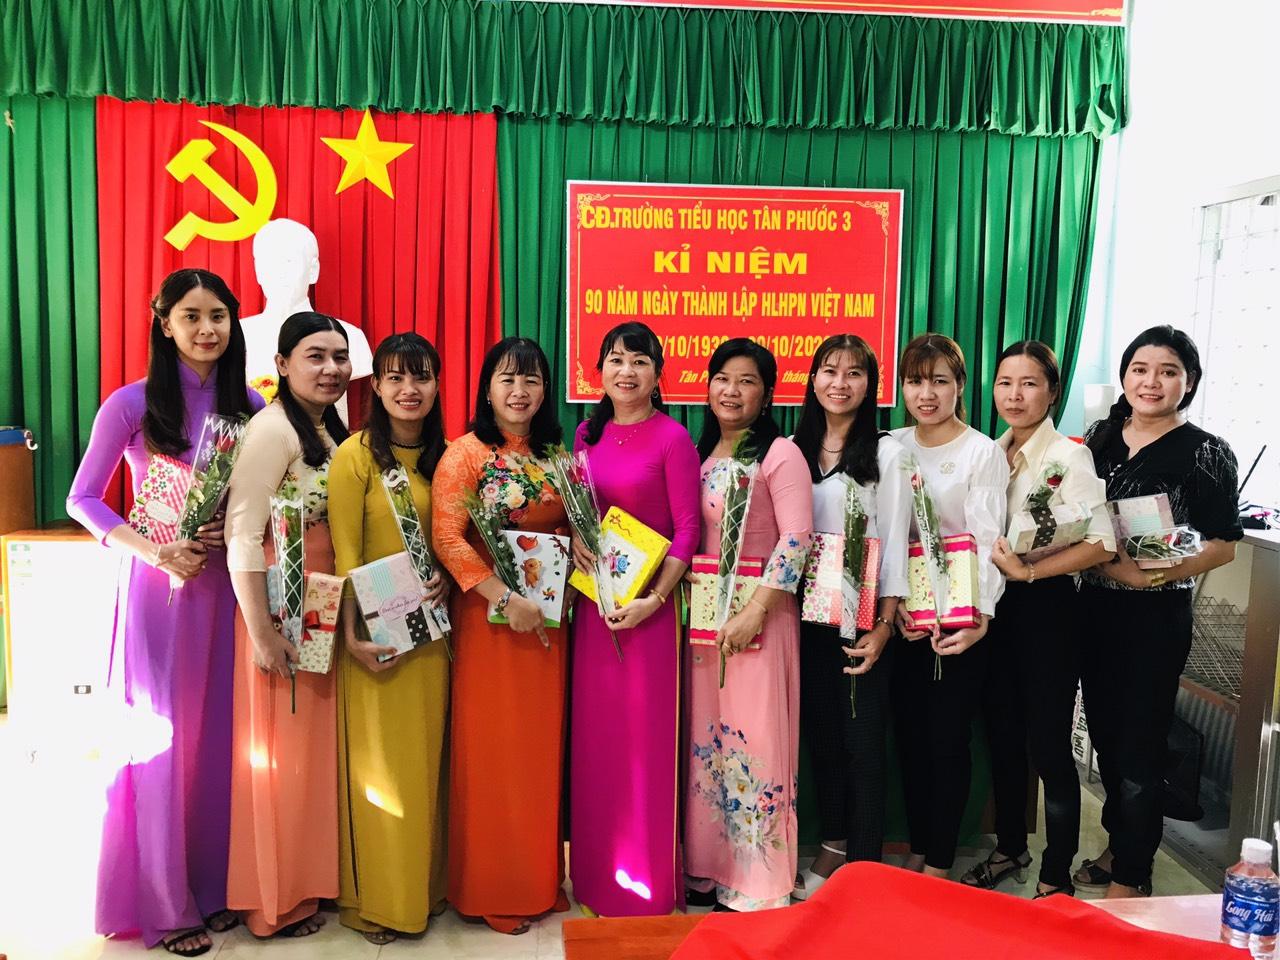 Công đoàn nhà trường tổ chức tặng quà cho Công đoàn viên nữ nhà trường